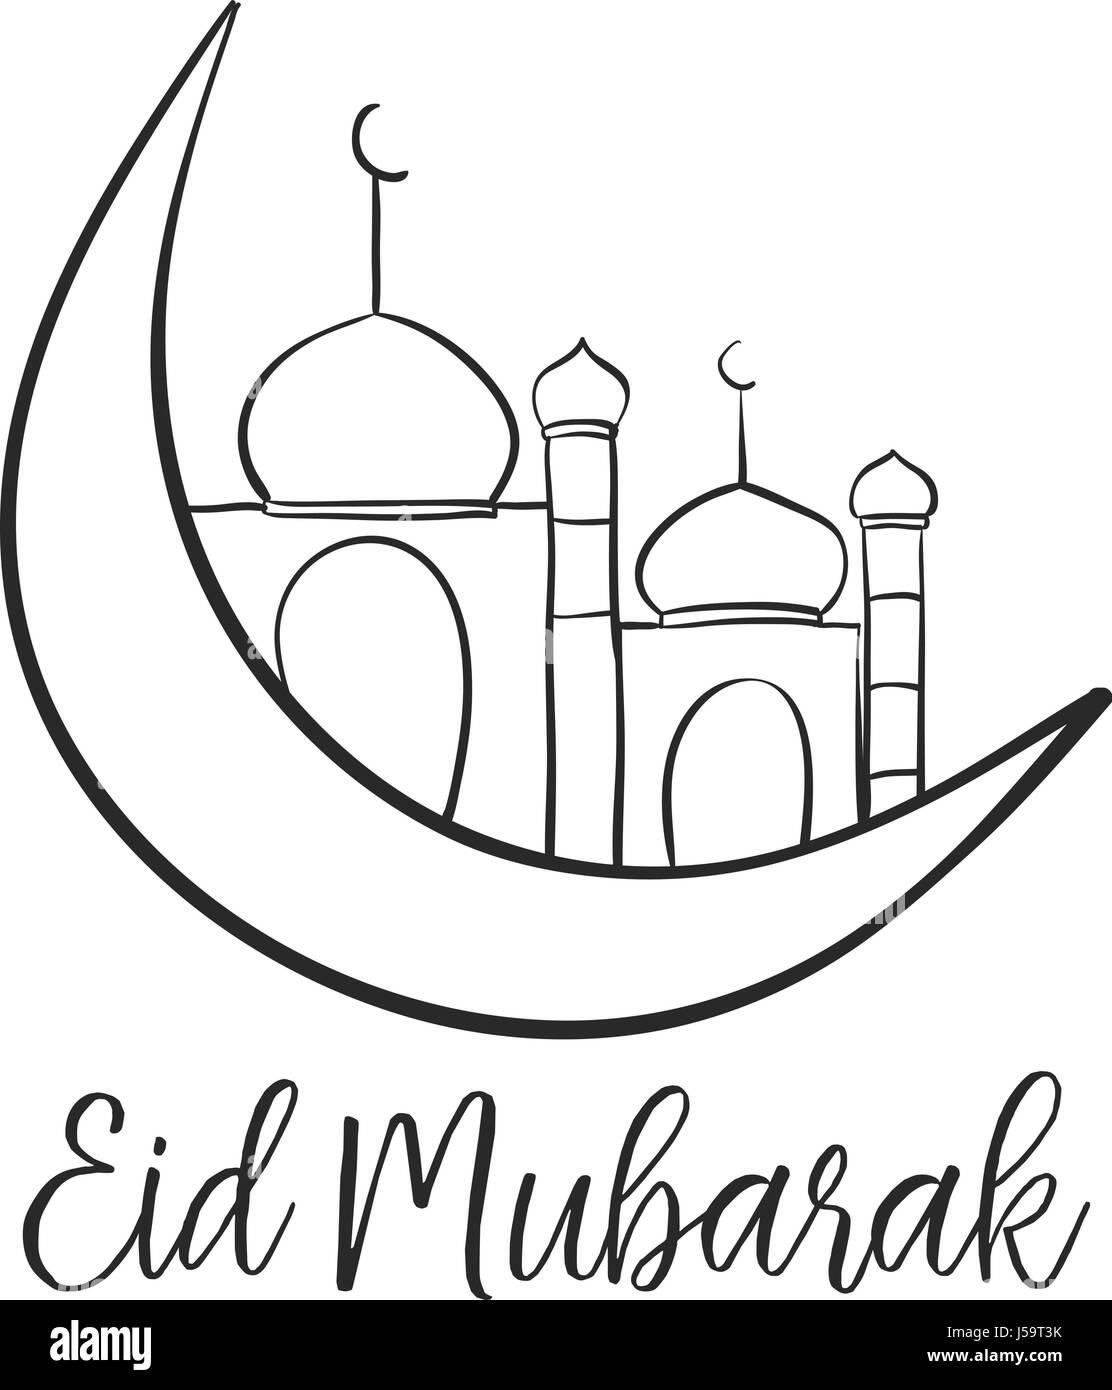 Eid Mubarak Black And White Stock Photos Amp Images